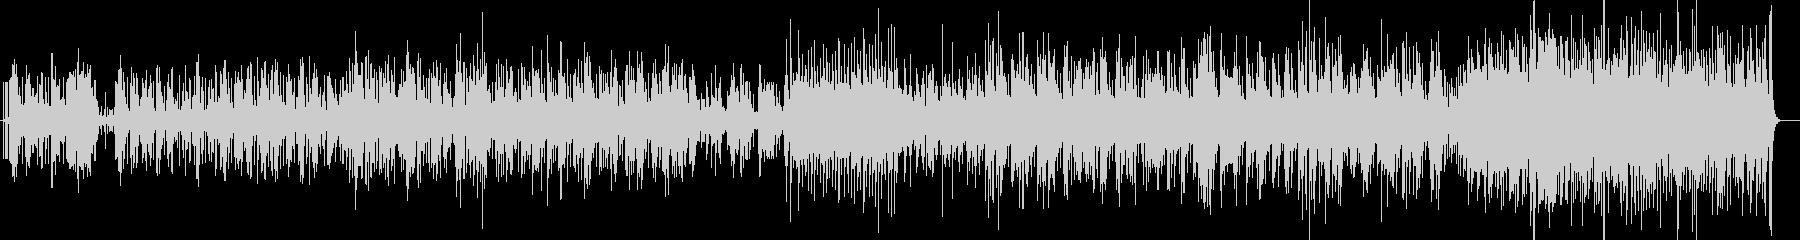 フラメンコのリズムを基調とした爽やかな曲の未再生の波形